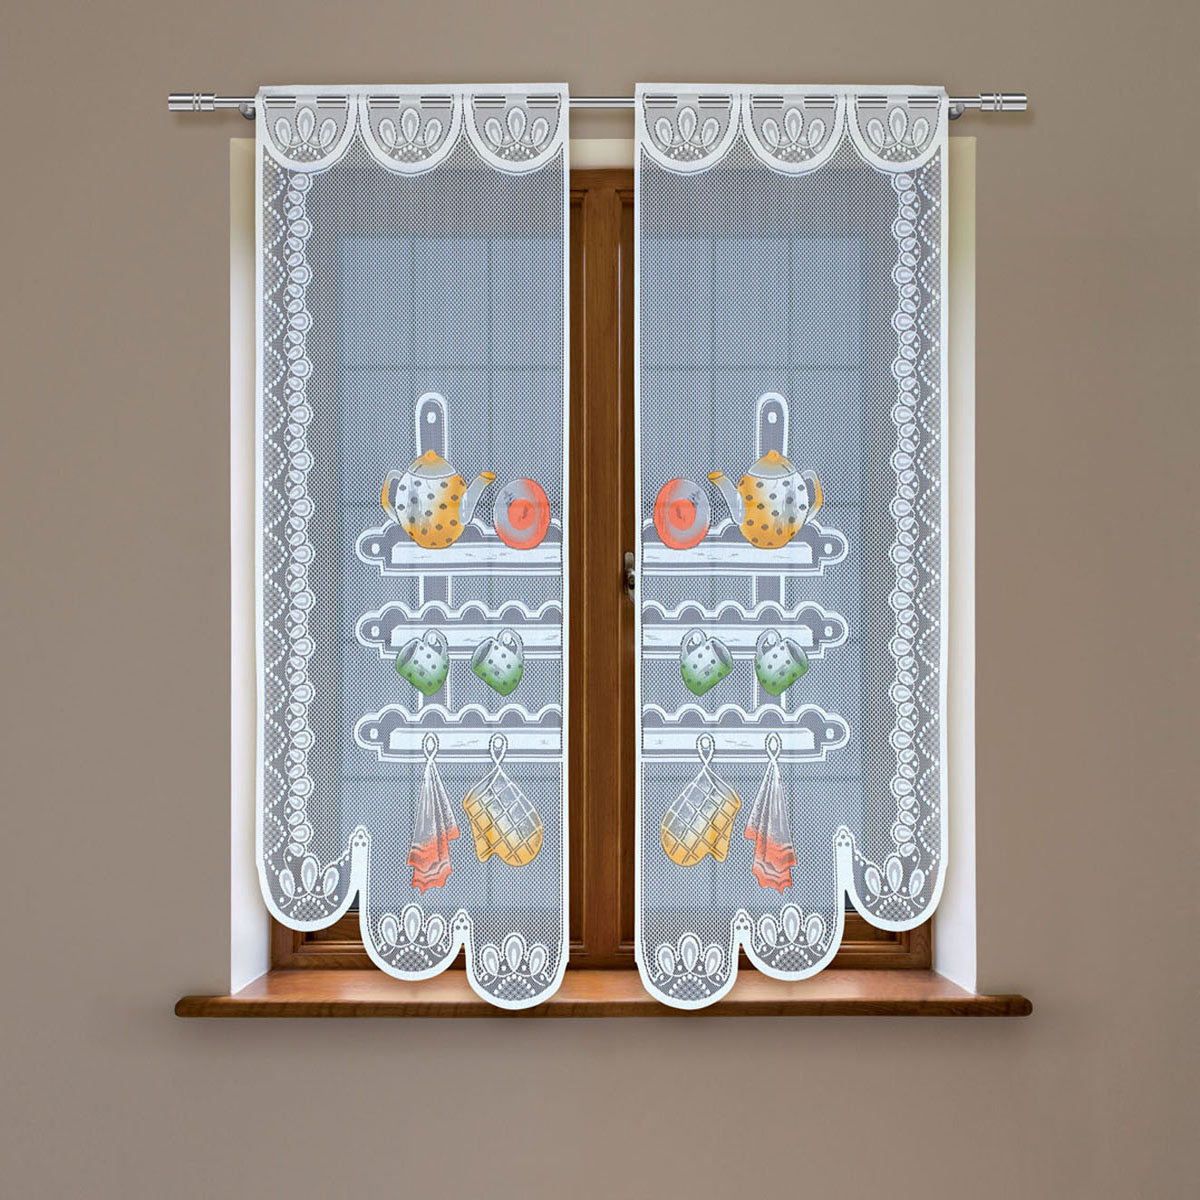 Гардина Haft, цвет: белый, высота 120 см. 8603D/60SVC-300Гардина имеет в верхней части полотна прорези, через которые гардина-витраж вывешивается на карниз или можно крепить на зажим для штор,котрый в комплект не входит.Комплект состоит из двух полотен (выс.120* шир.60) Размеры: (высота 120* ширина 60)*2